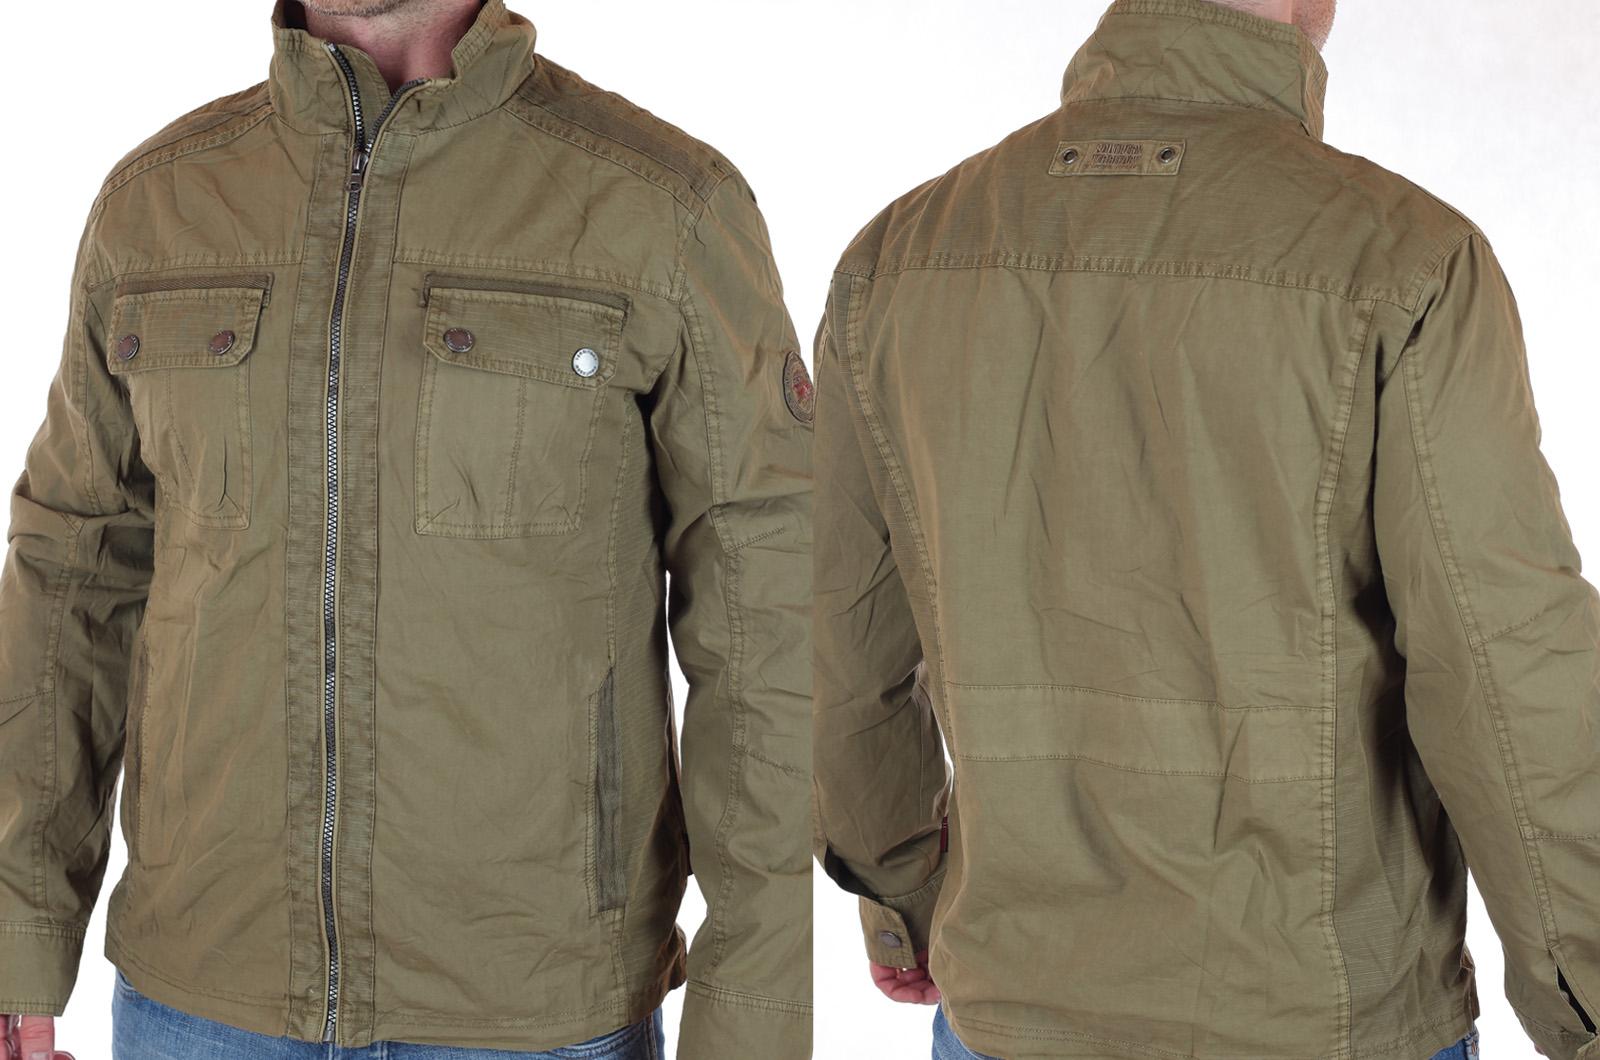 Демисезонная мужская куртка-парка Southern Territory (Норвегия). Модный милитари цвет, натуральная ткань, отсутствие дешевого декора